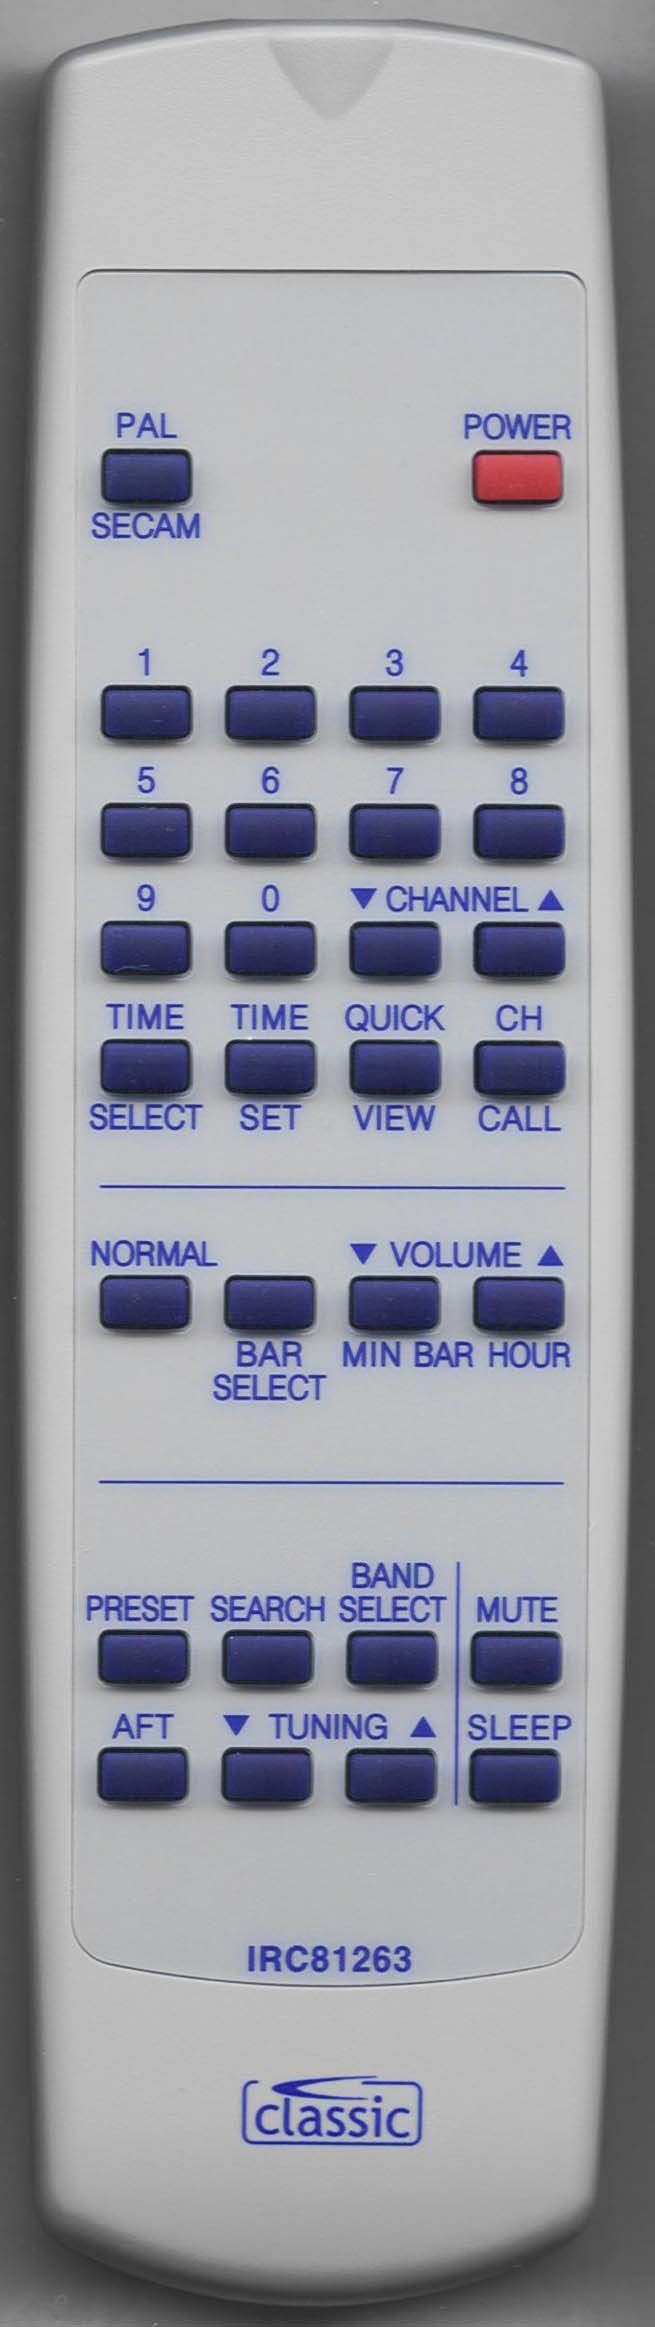 ORION 20 AR DIGITAL Remote Control